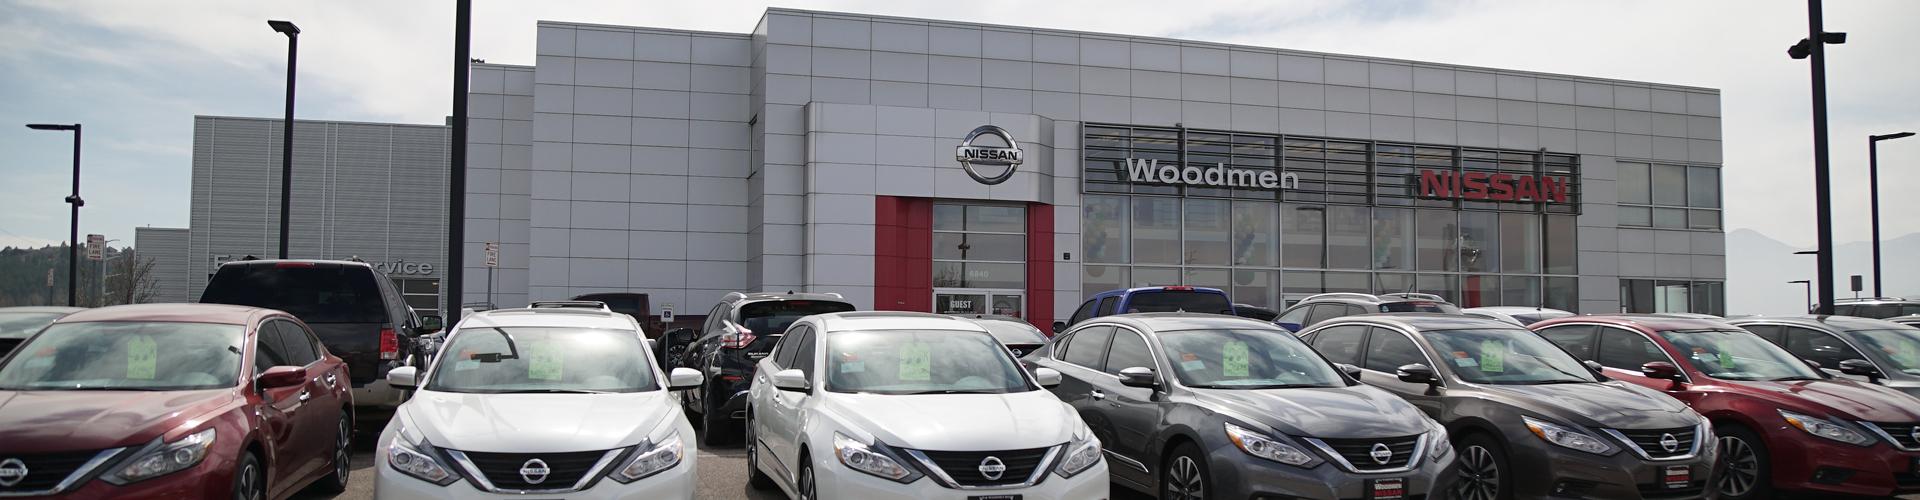 Woodmen Nissan – Dealership